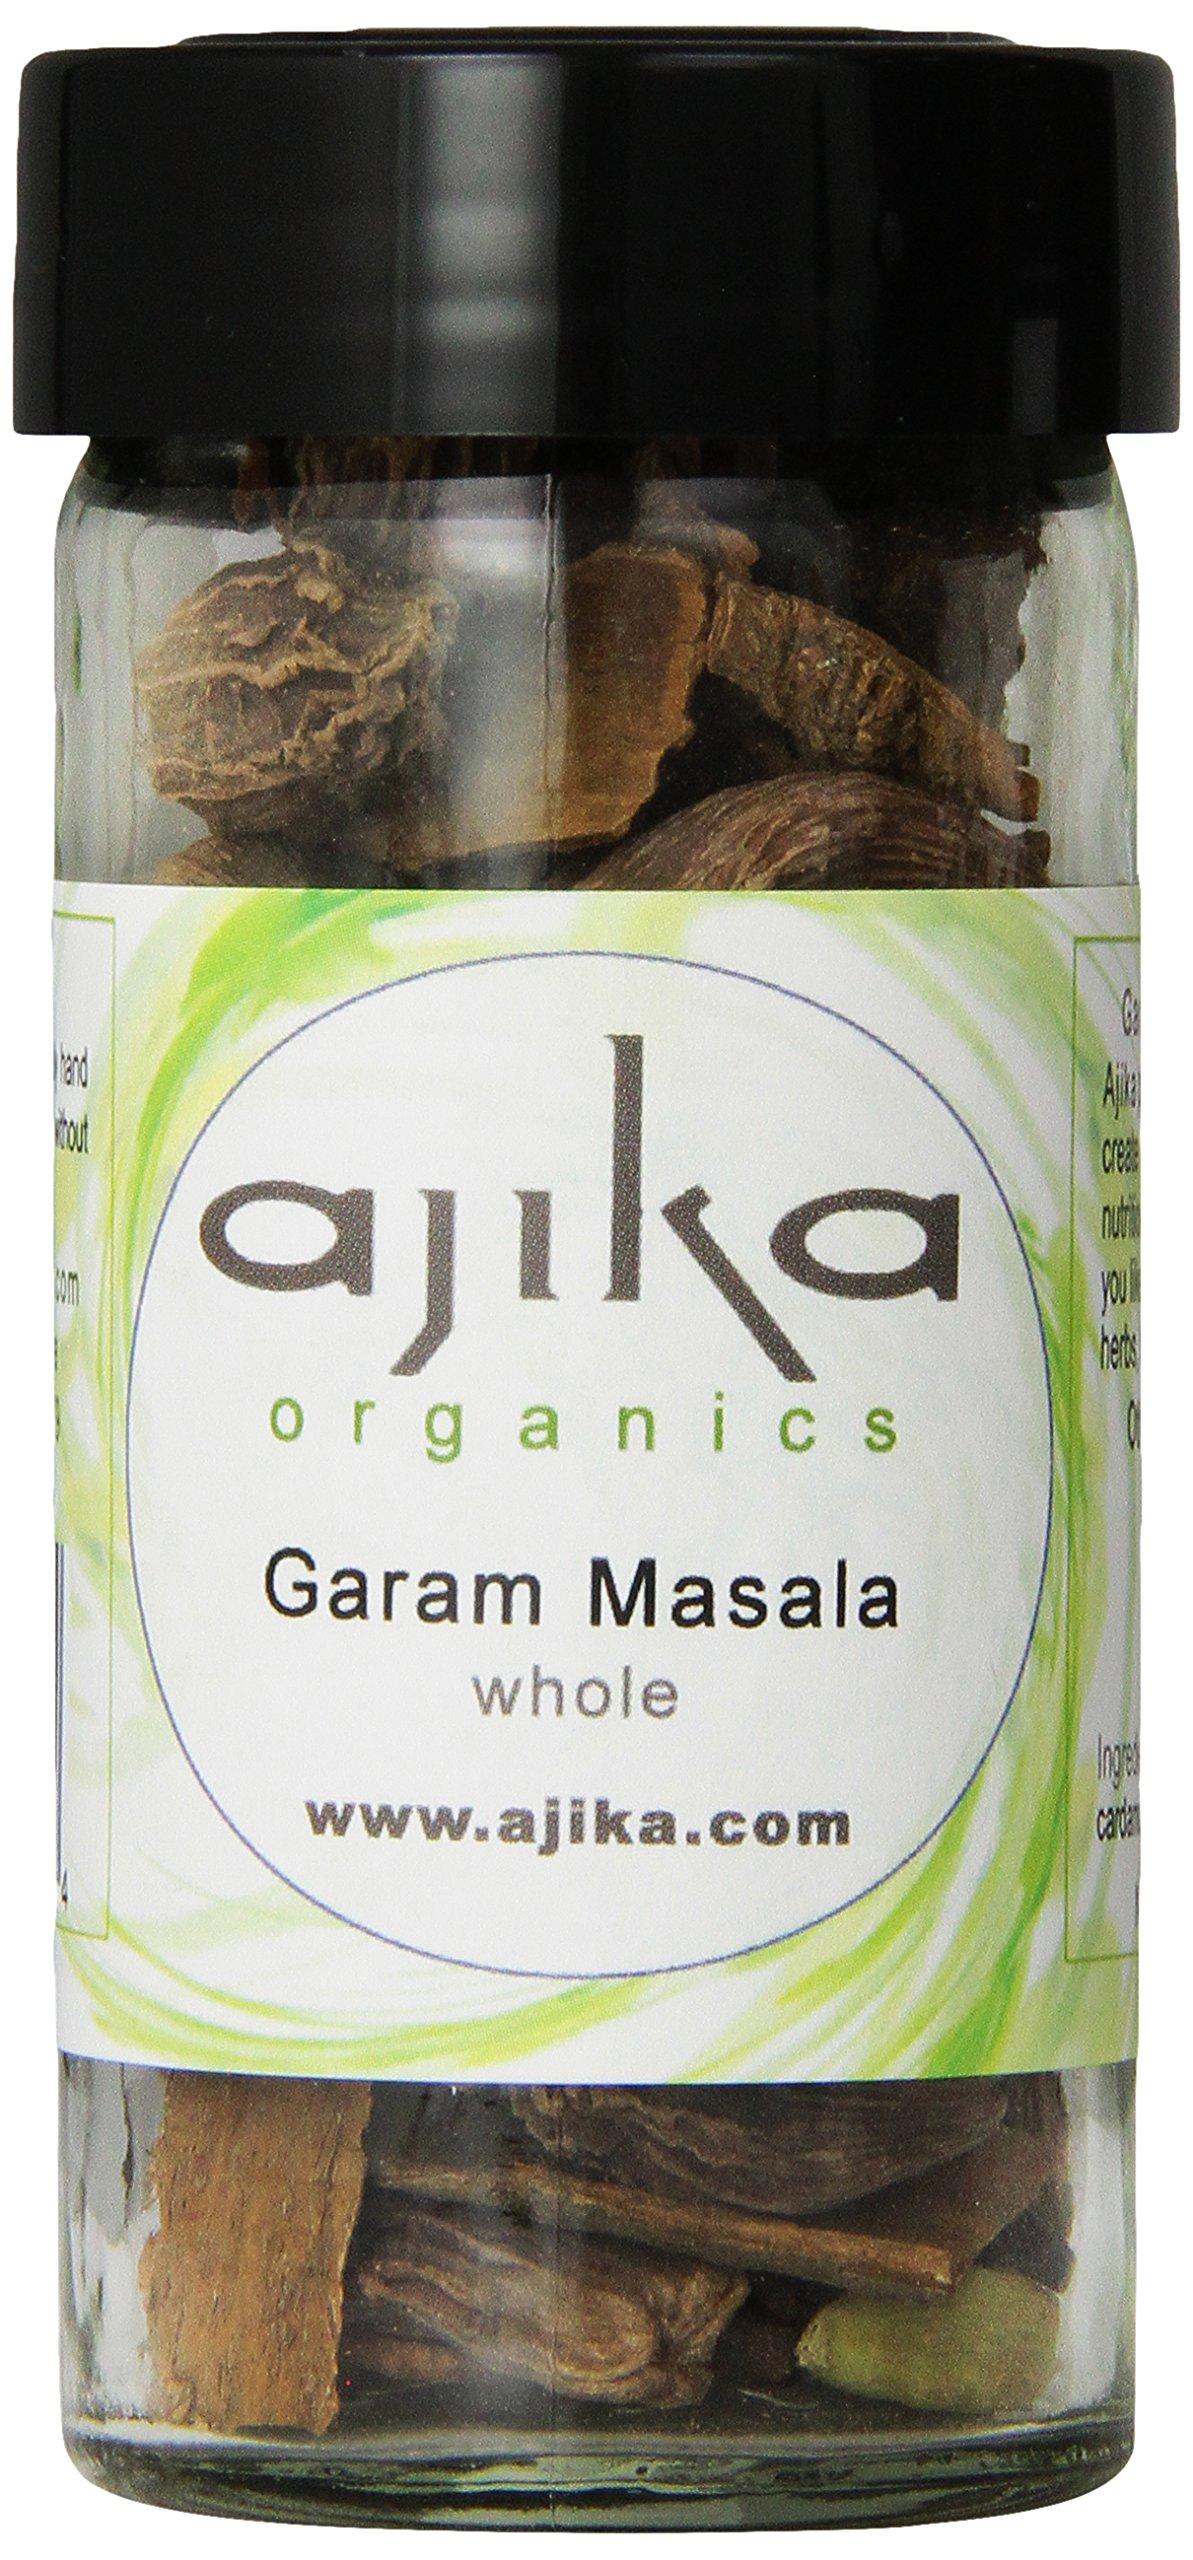 Ajika Organic Garam Masala, Whole, 1.6 Ounce